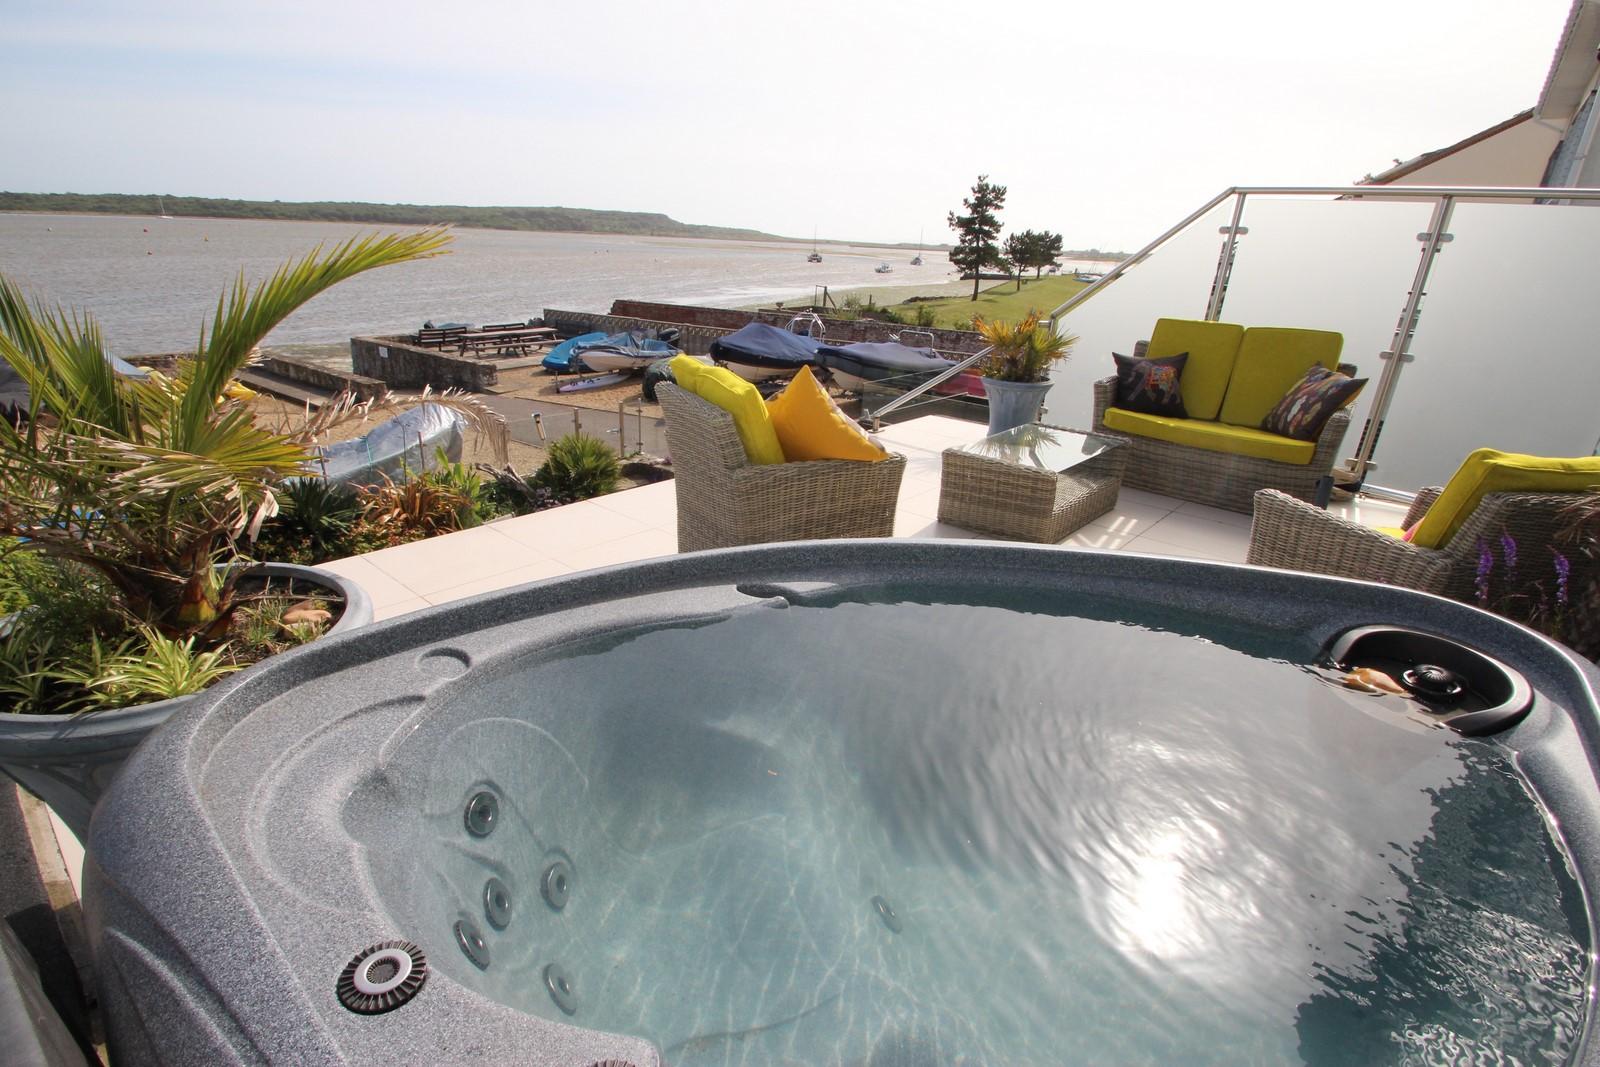 4 Bedroom House in Mudeford